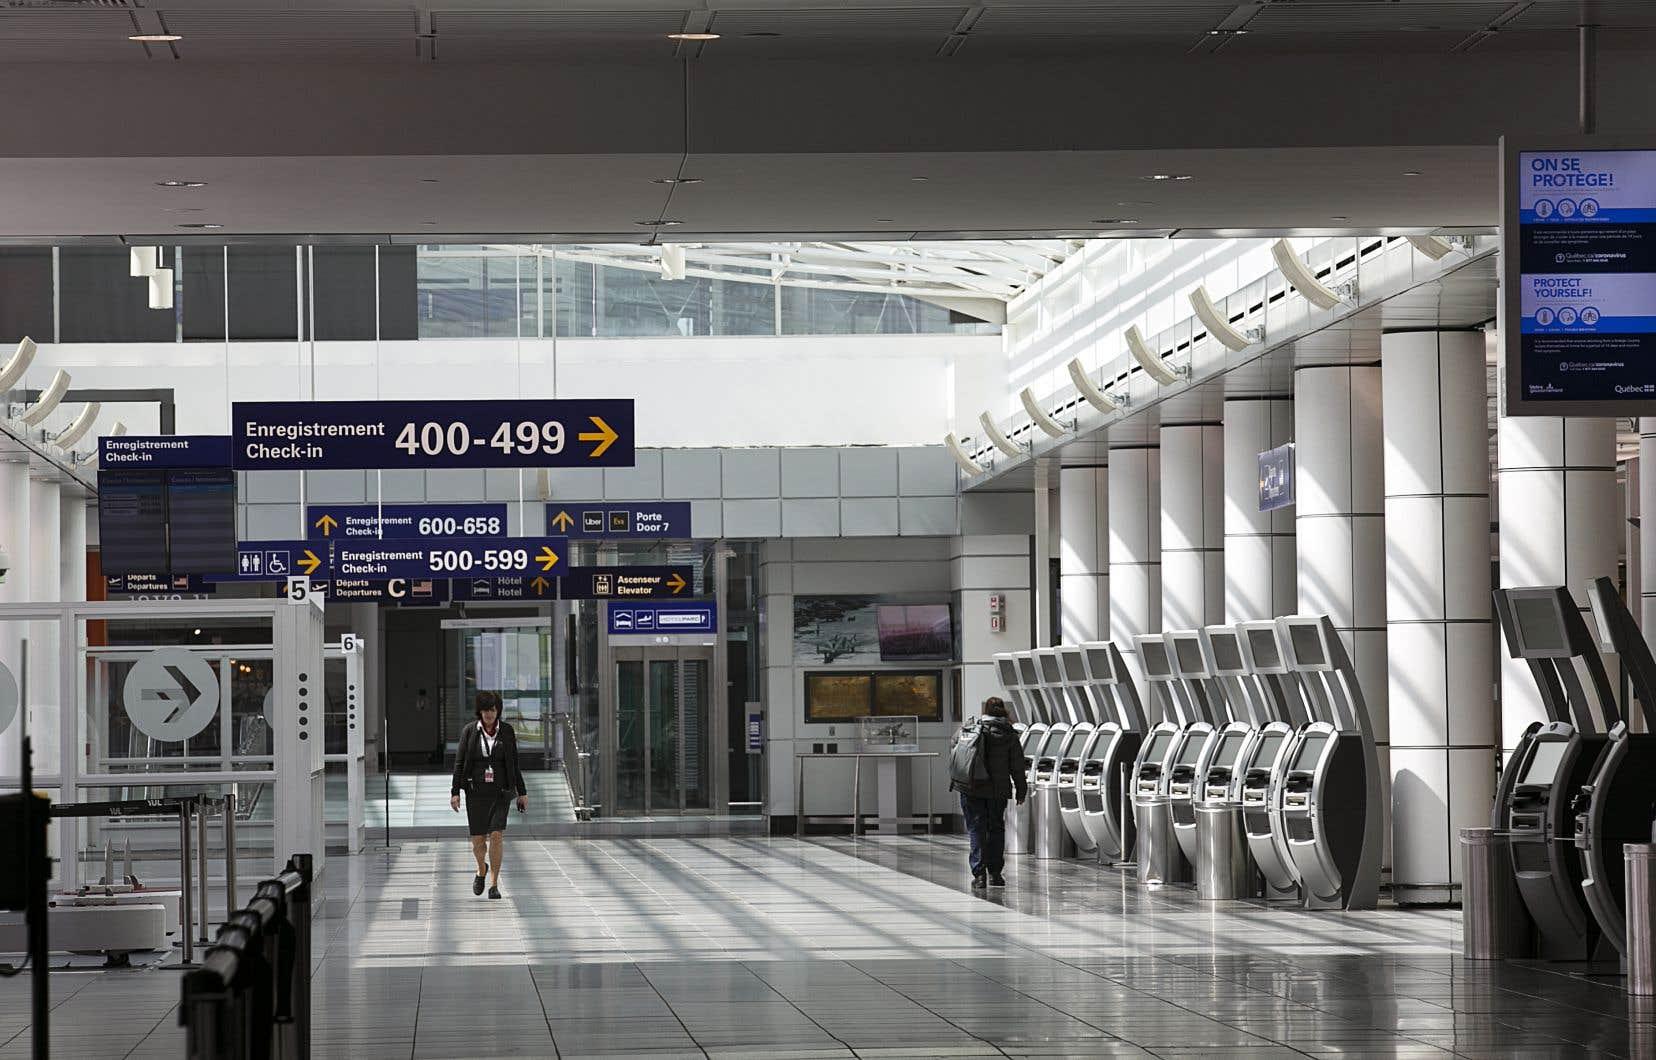 L'exploitant de l'aéroport Montréal-Trudeau et de l'Aérocité internationale de Mirabel a affiché une perte avant impôts, intérêts et amortissement de 26millions pour le trimestre clos à la fin juin.